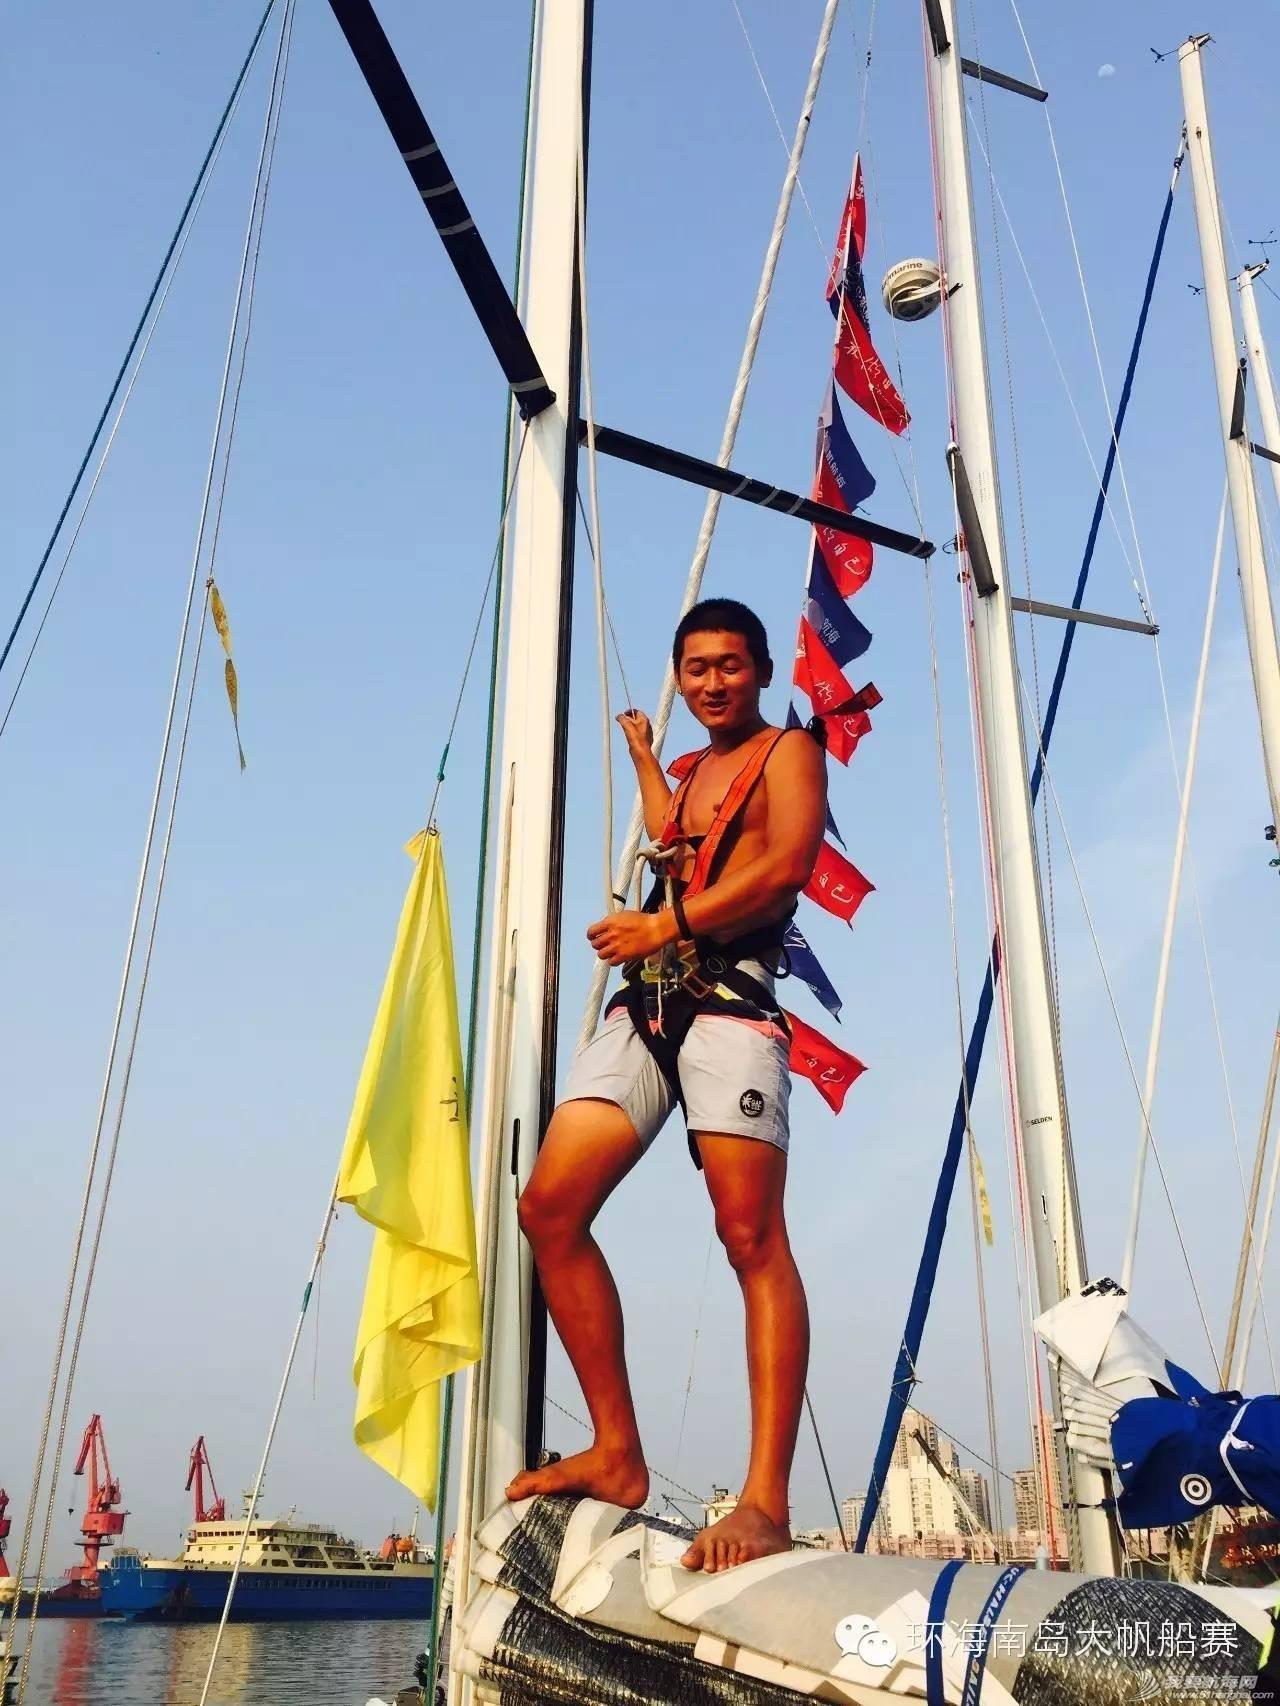 帆船运动,那些事儿,海南岛,老男孩,梦之队 关于海帆赛的那些事儿 e4e6ab501c63ea1fa1d61b7c3ad17987.jpg